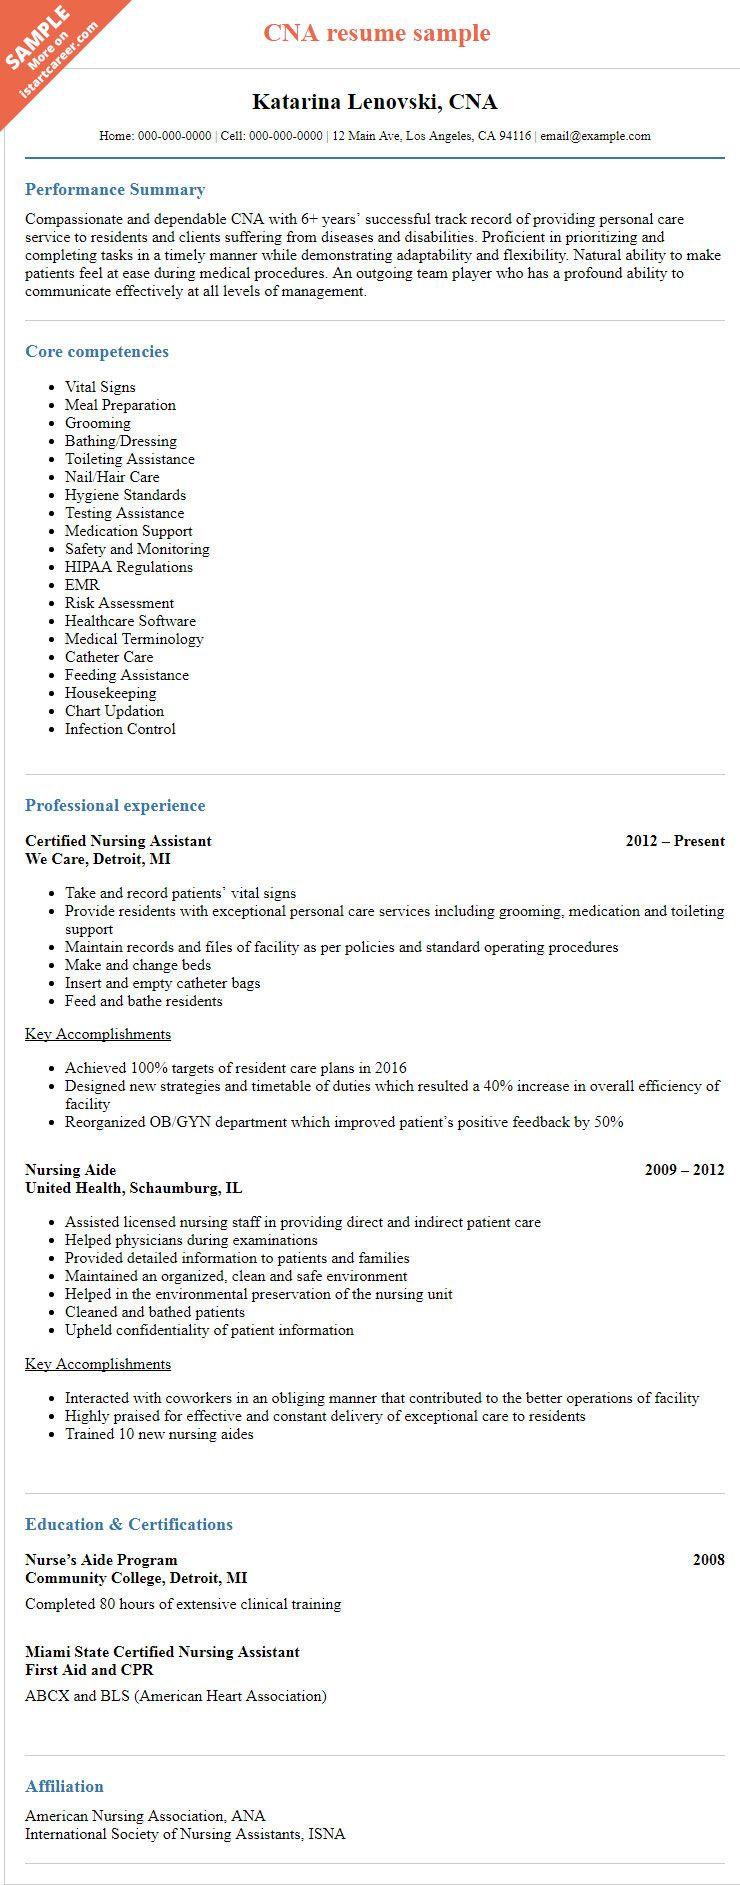 Pin On Resume Sample